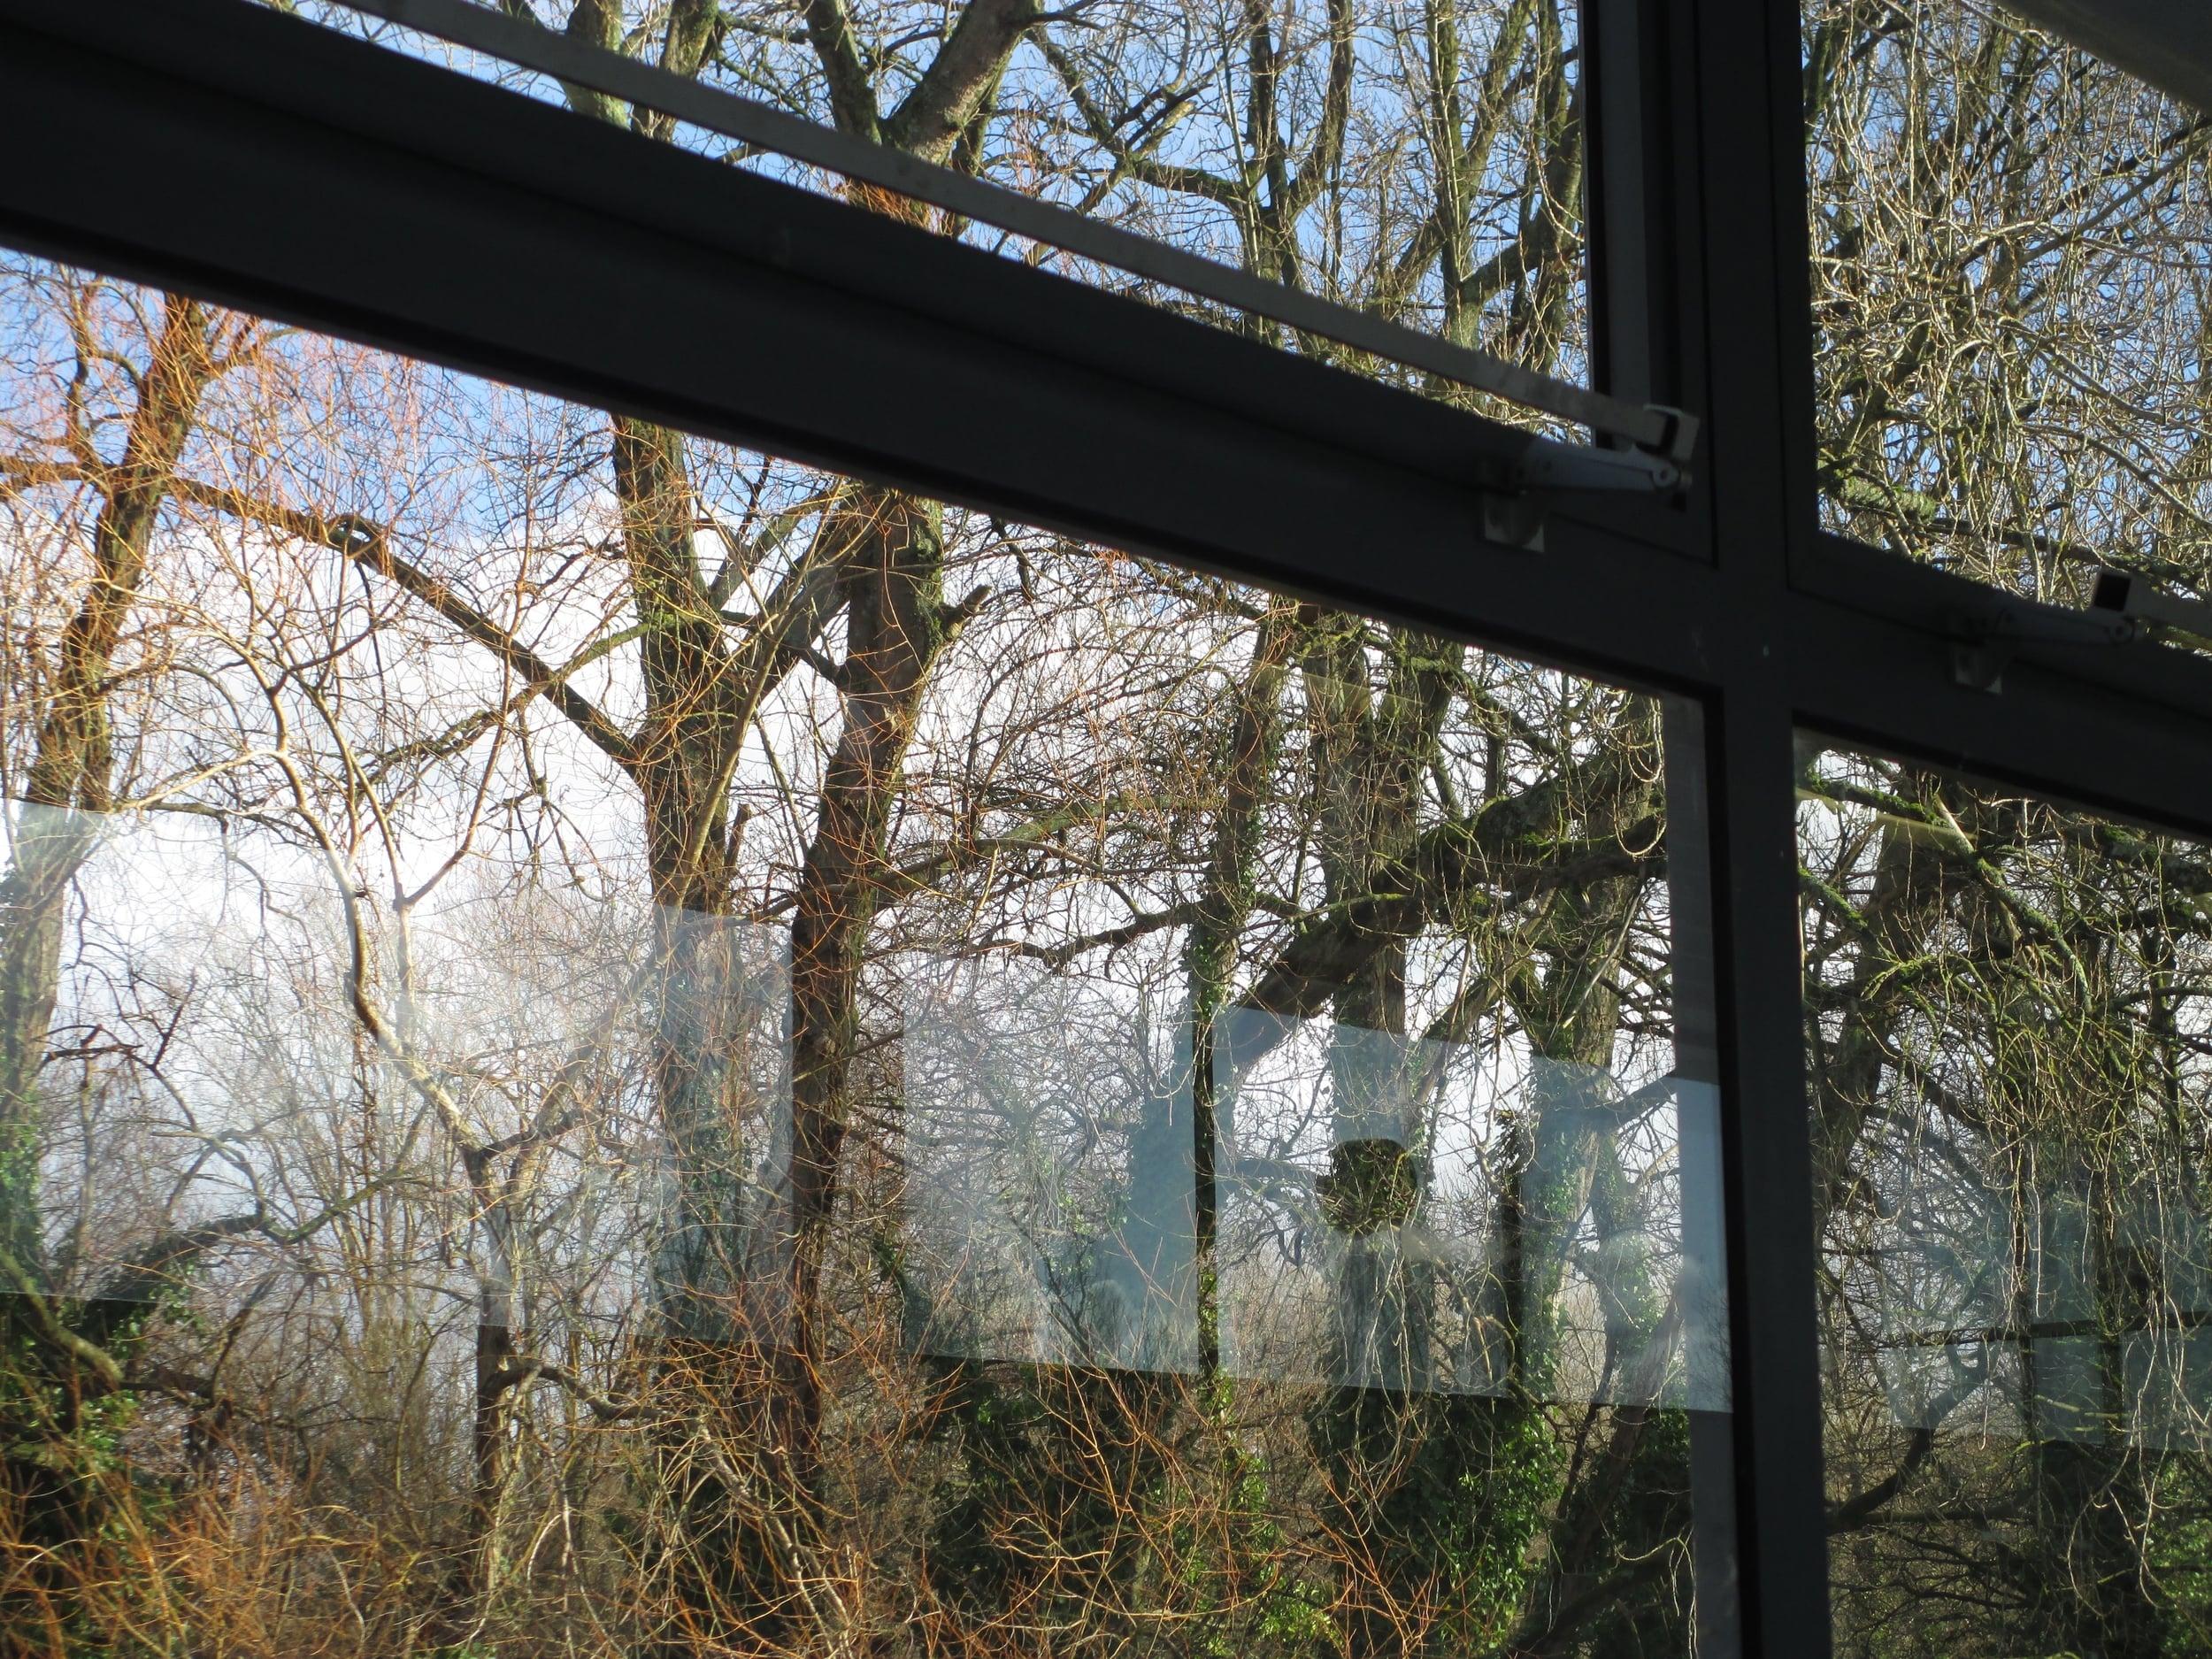 Window Reflections II